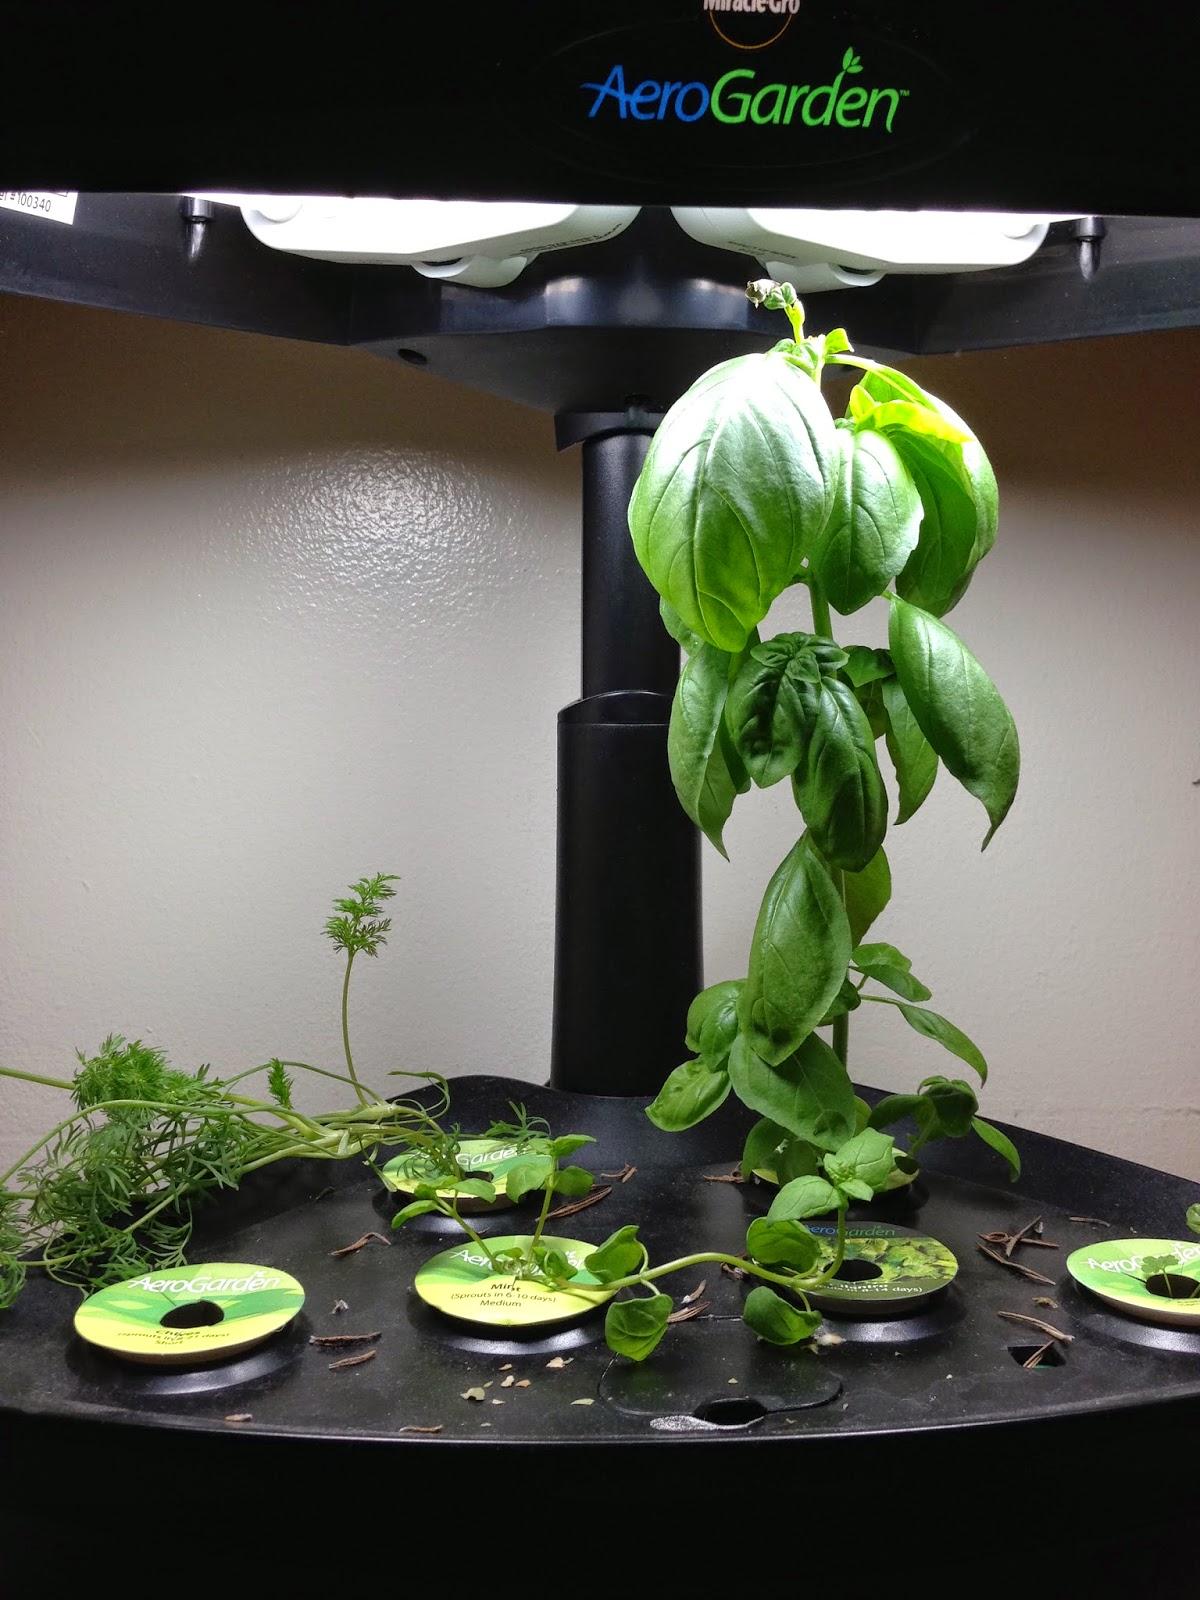 An AeroGarden indoor herb garden makes a great holiday gift!